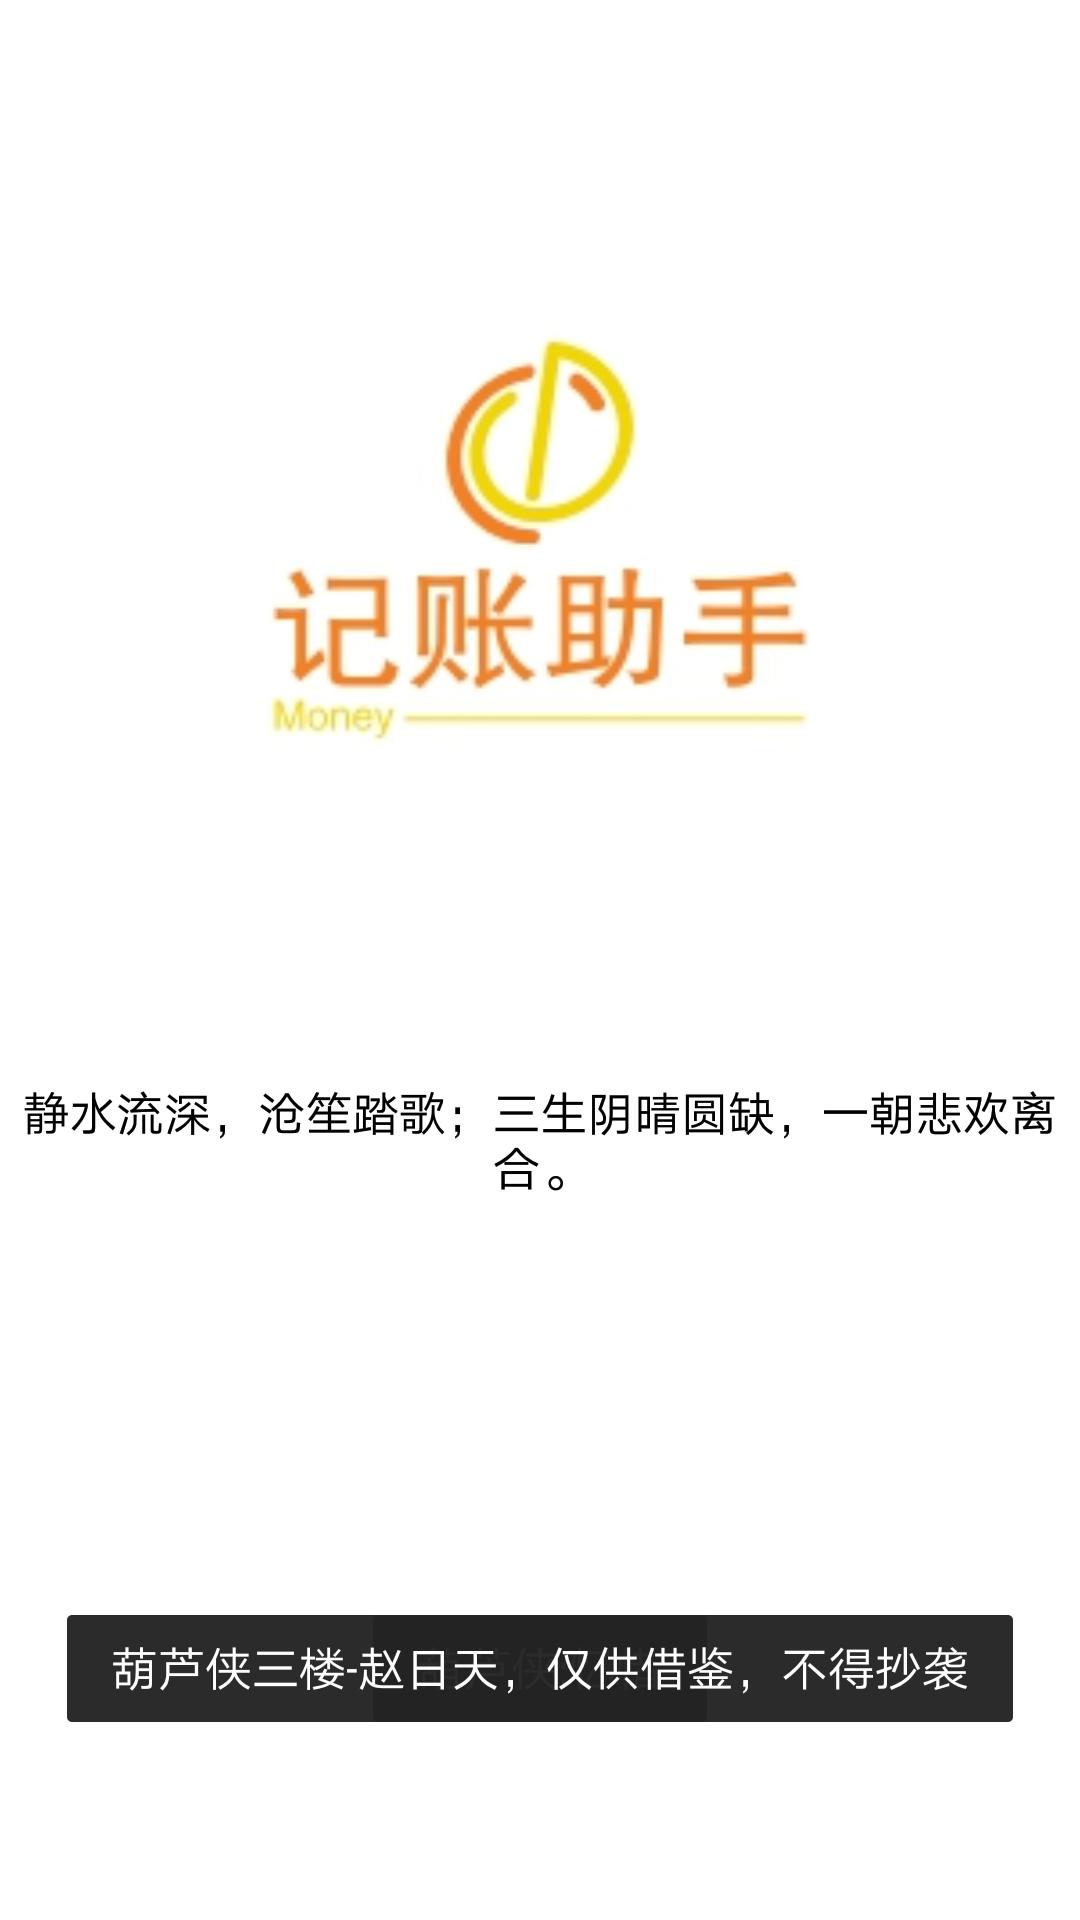 【分享】葫芦记账助手~专为葫芦丝设计~进来看看吧